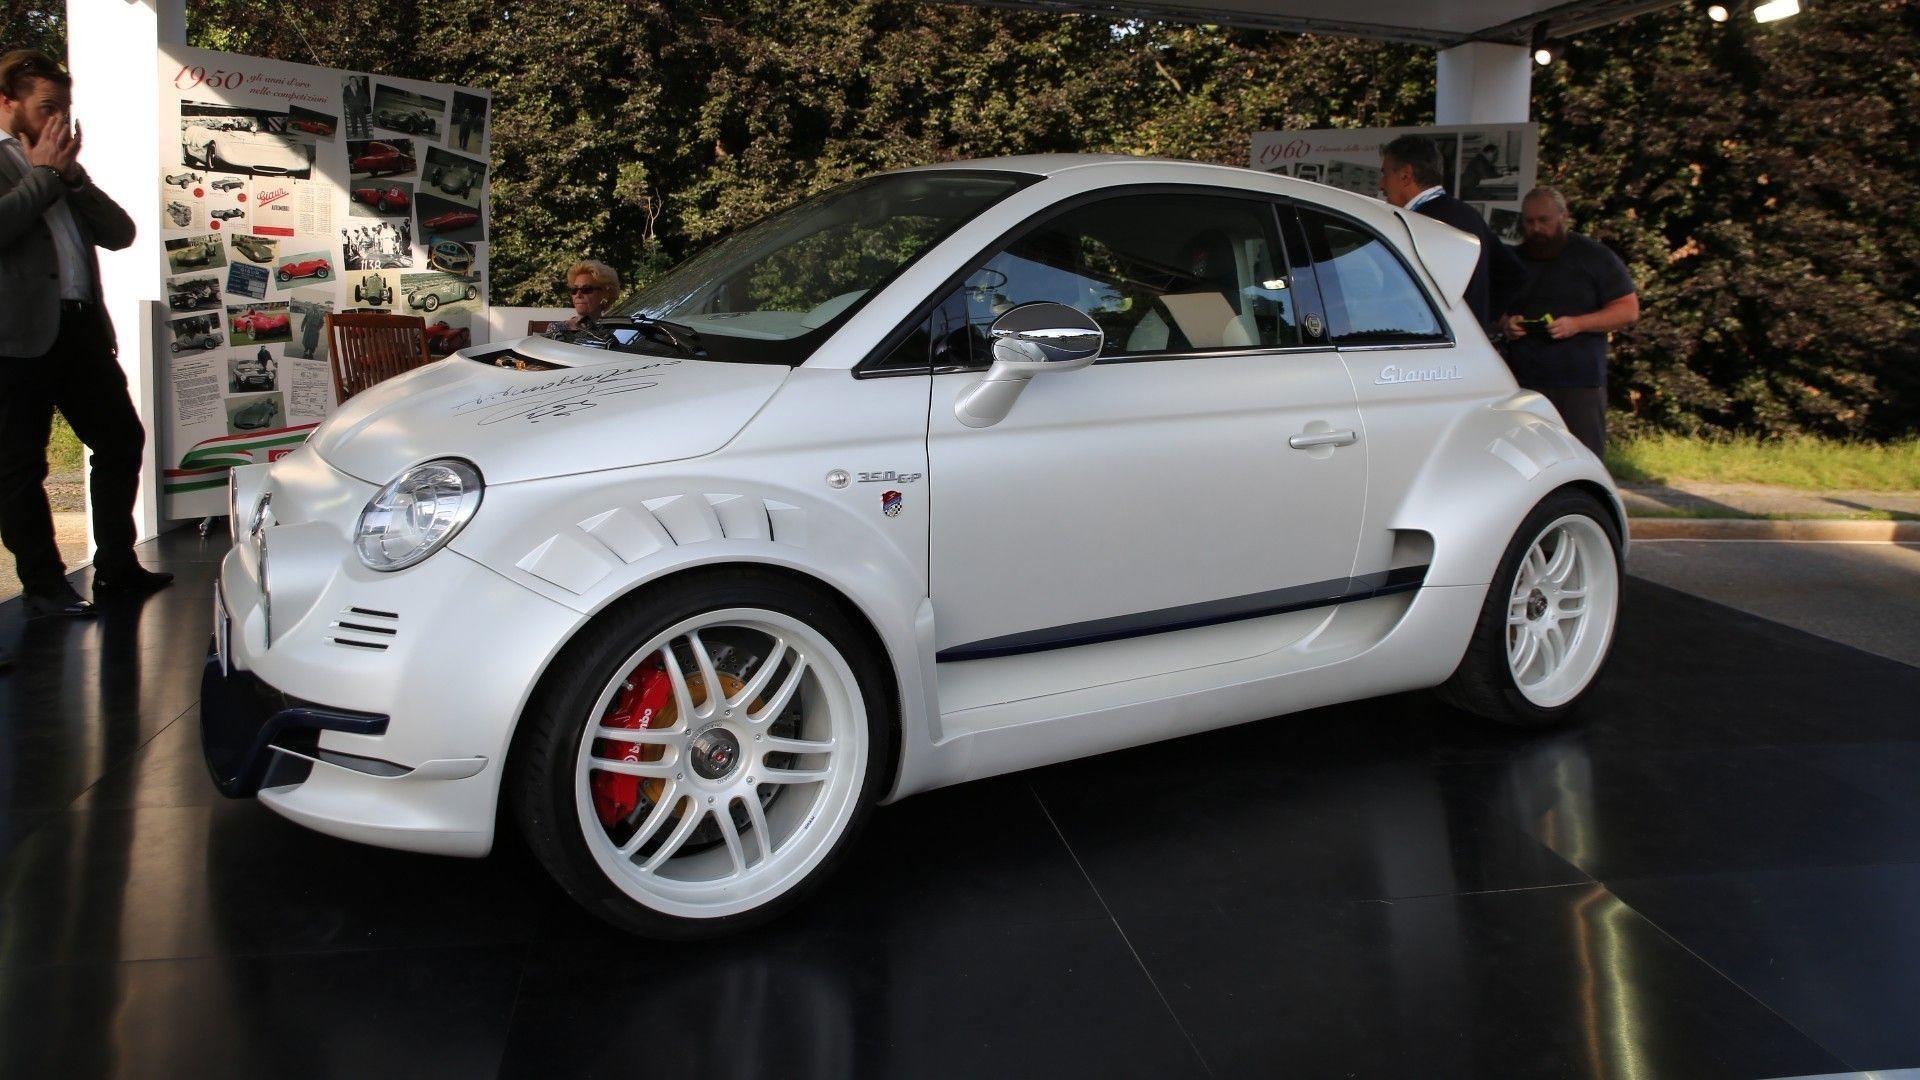 Un moteur Alfa Romeo de 350 chevaux sur une Fiat 500 ?